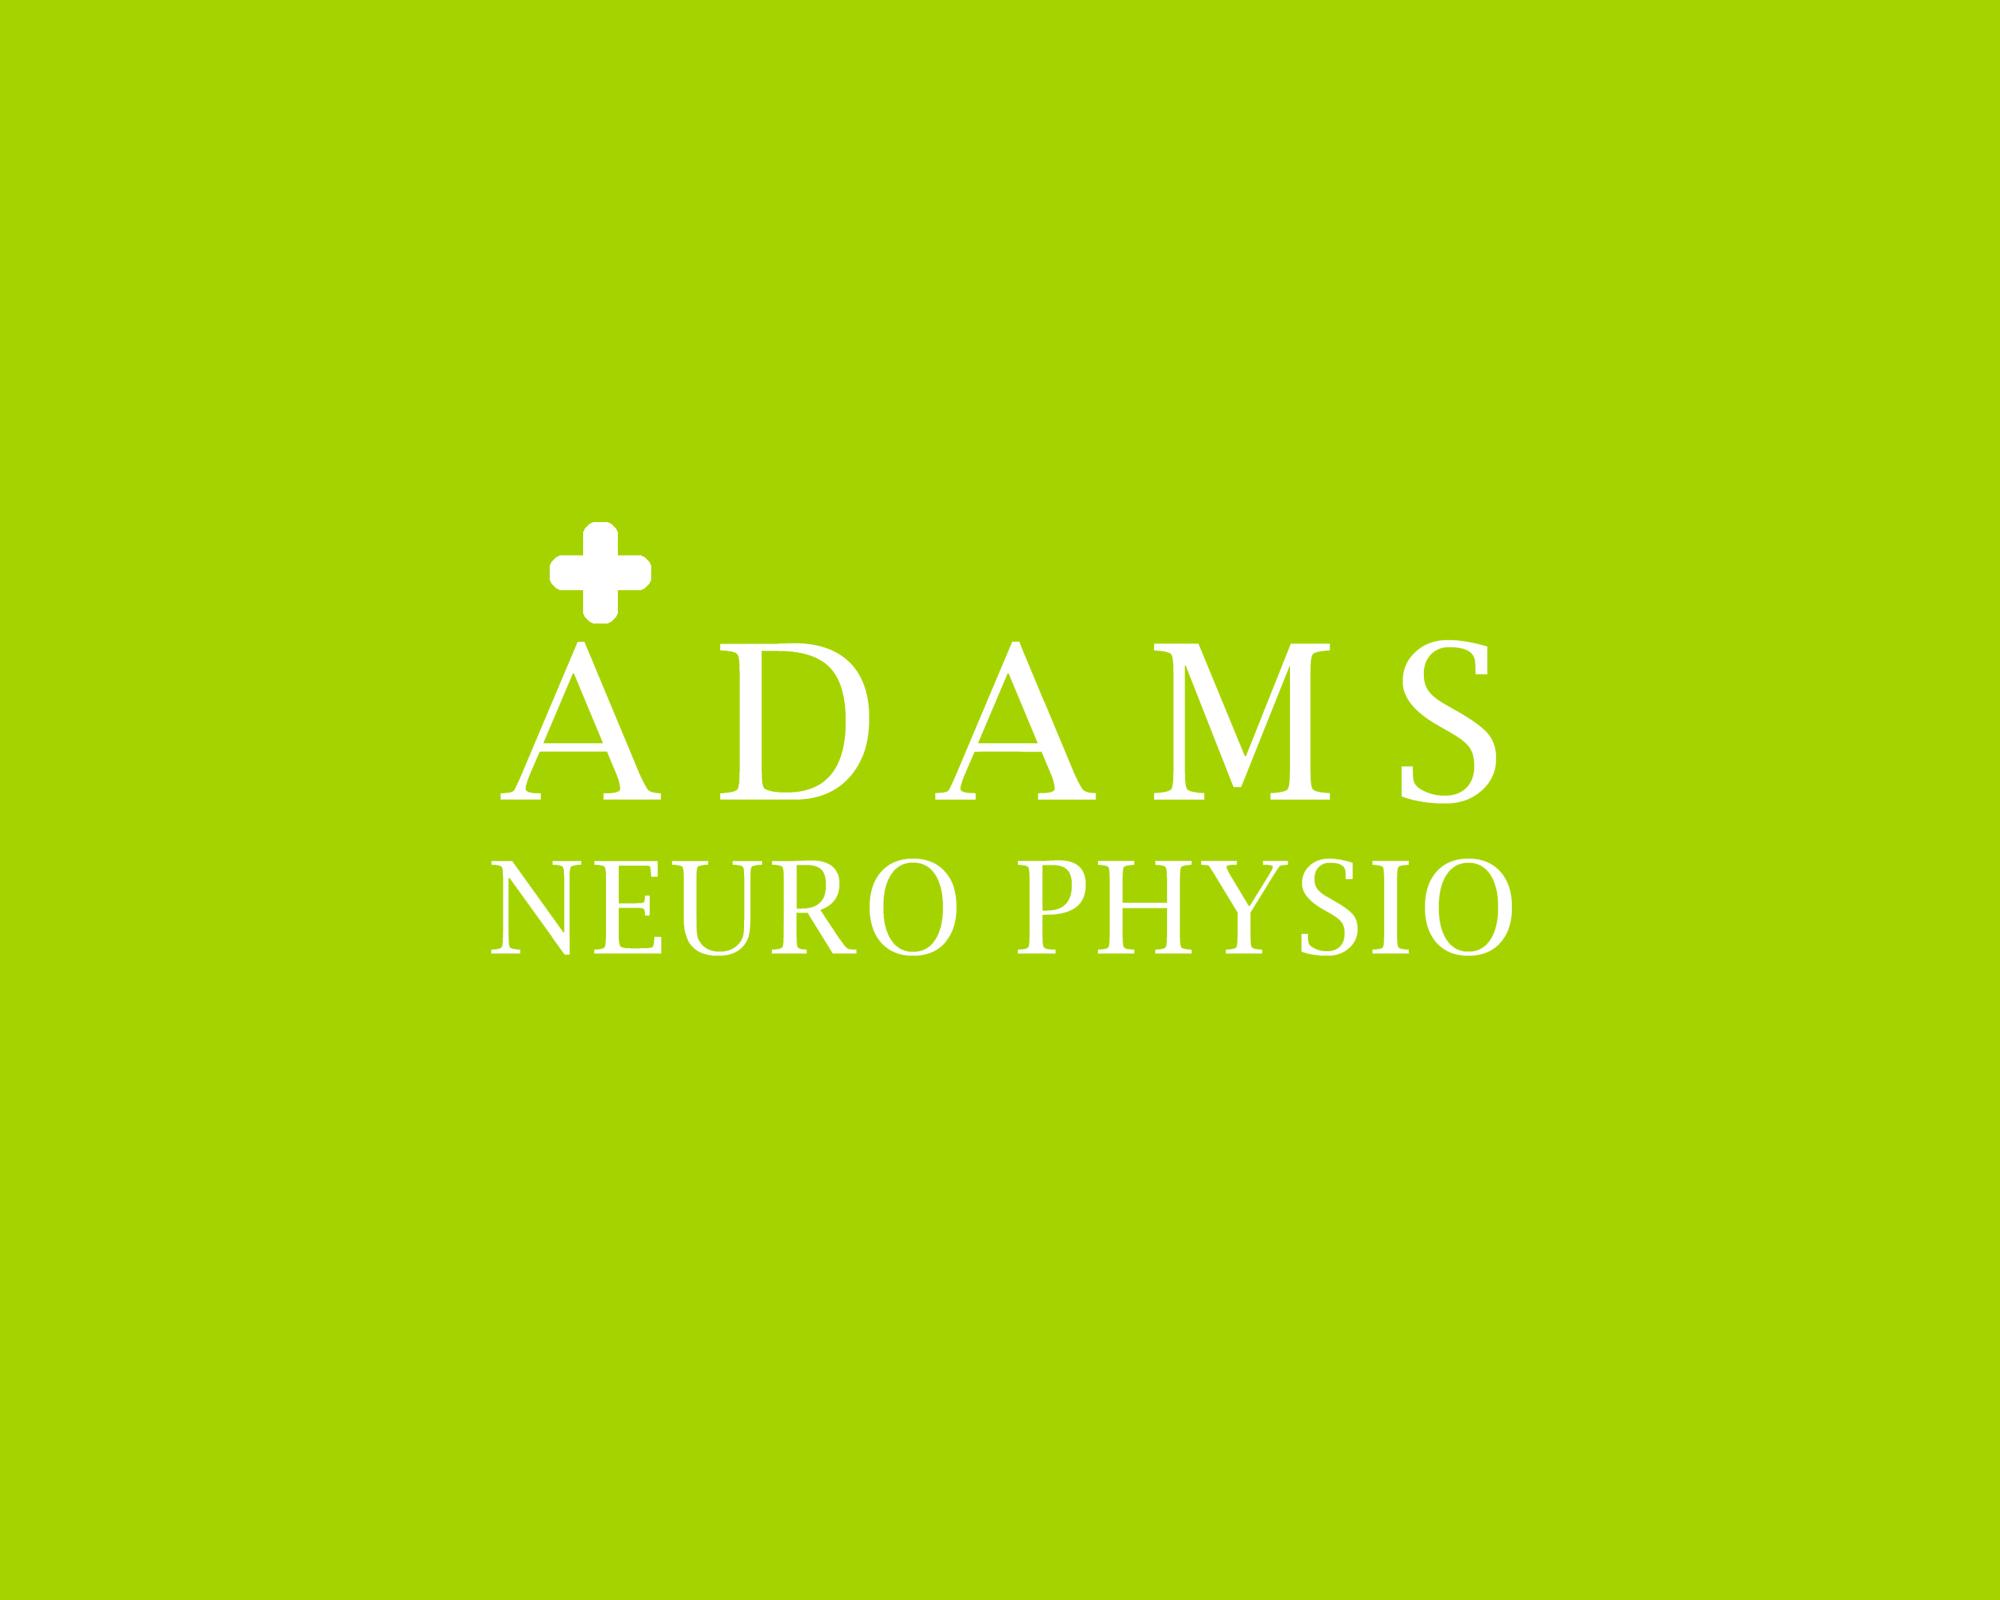 adams neuro physio Logo